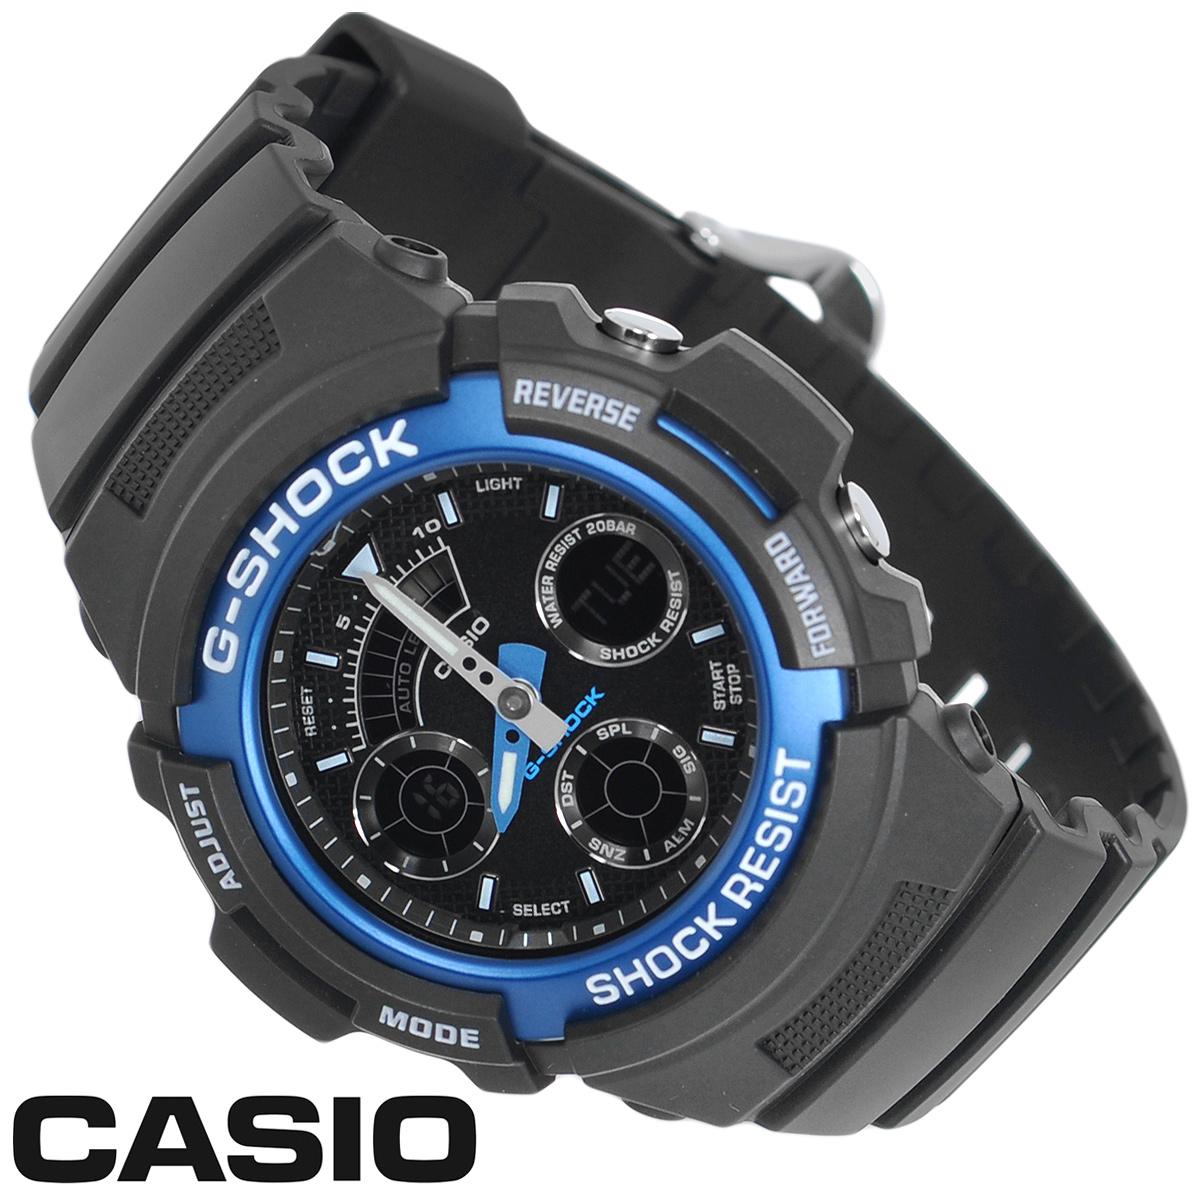 Часы мужские наручные Casio G-Shock, цвет: черный, синий. AW-591-2A casio g shock g classic ga 110mb 1a